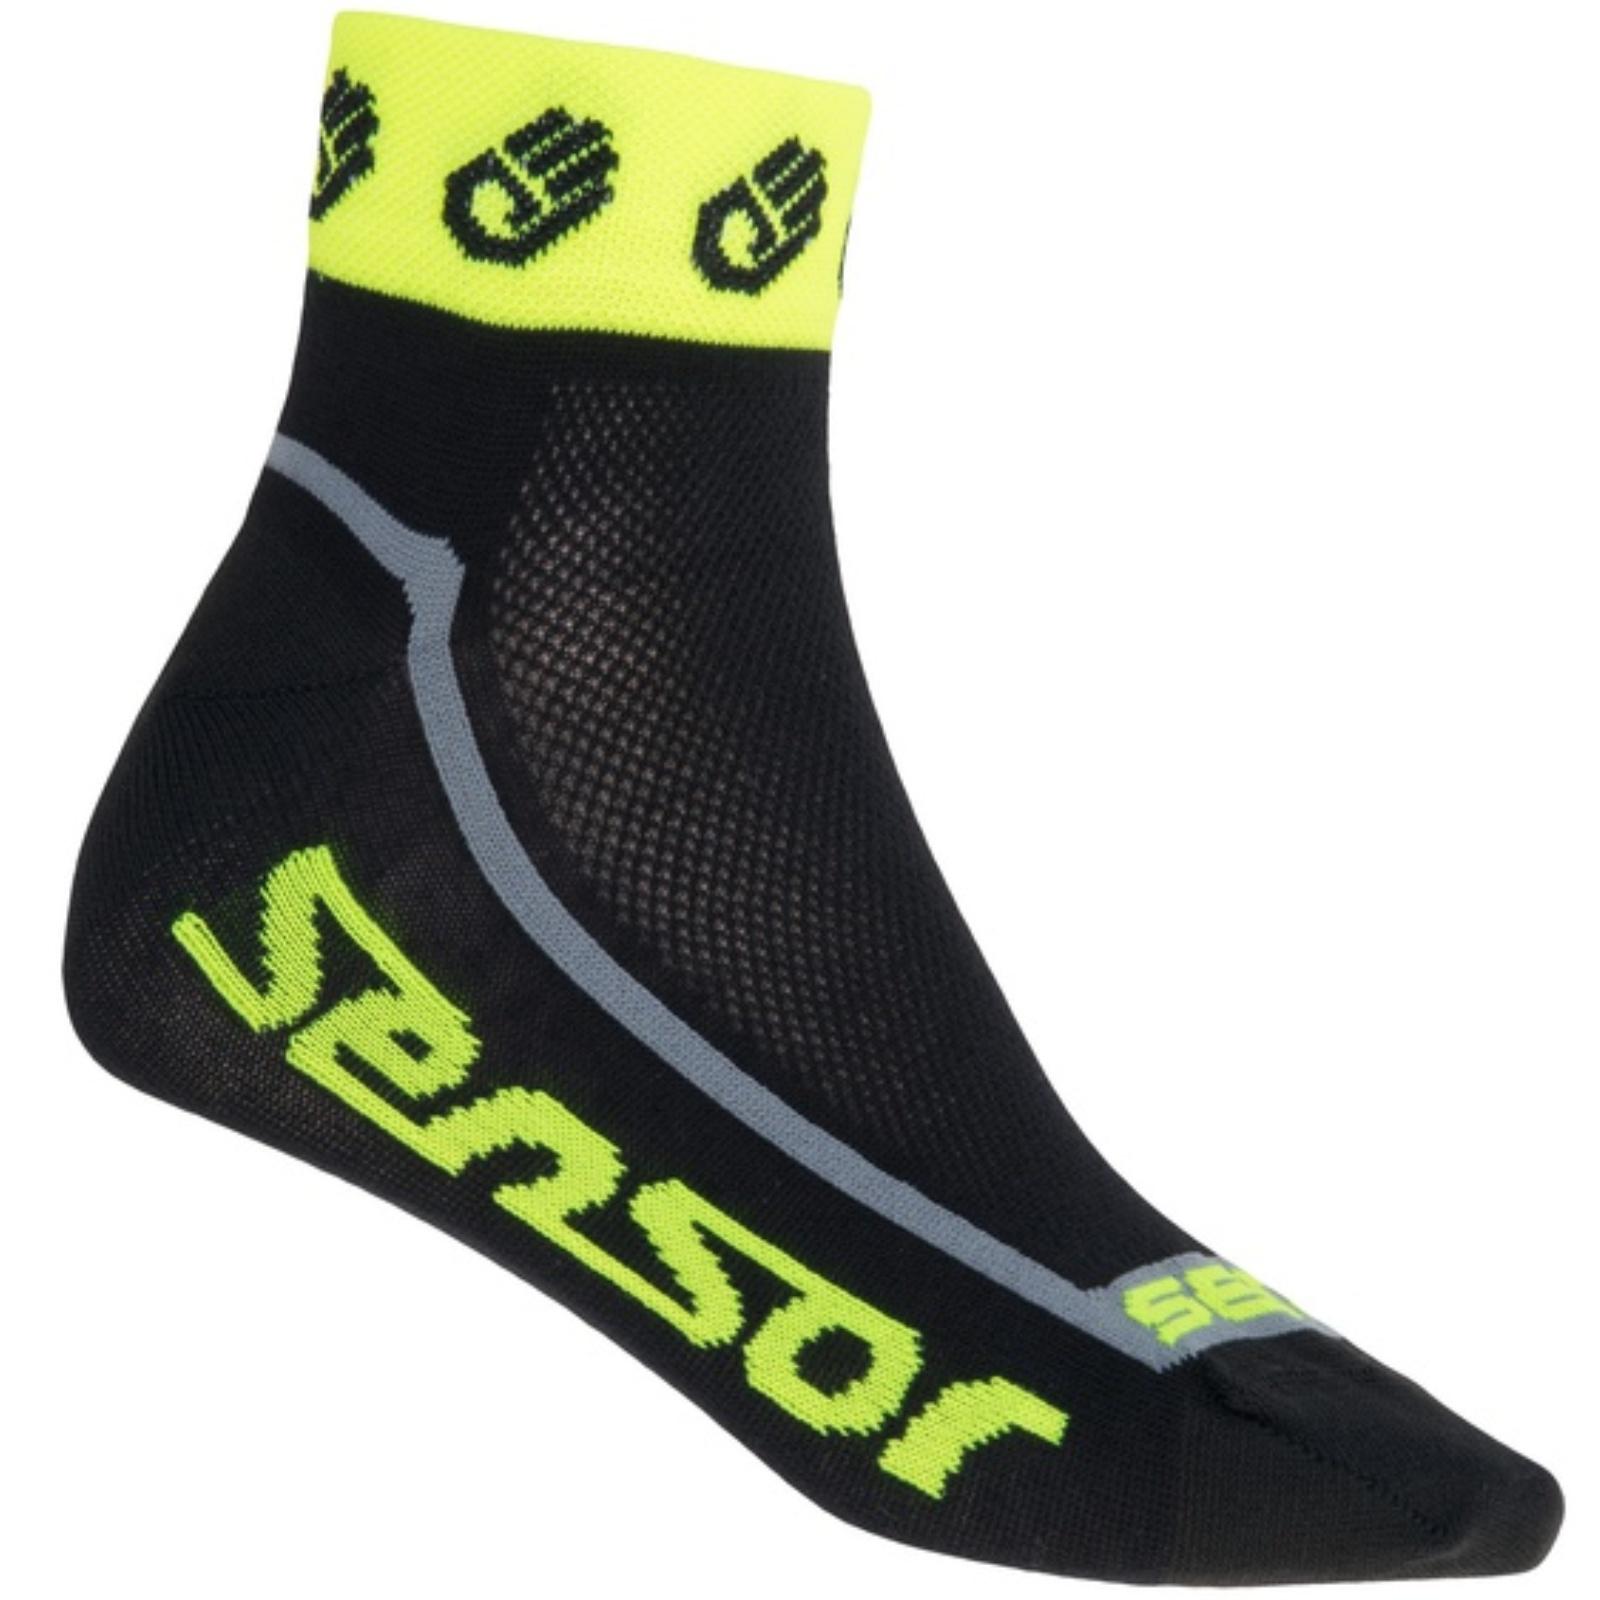 Ponožky SENSOR Race Lite Ručičky reflex žluté vel. 6-8